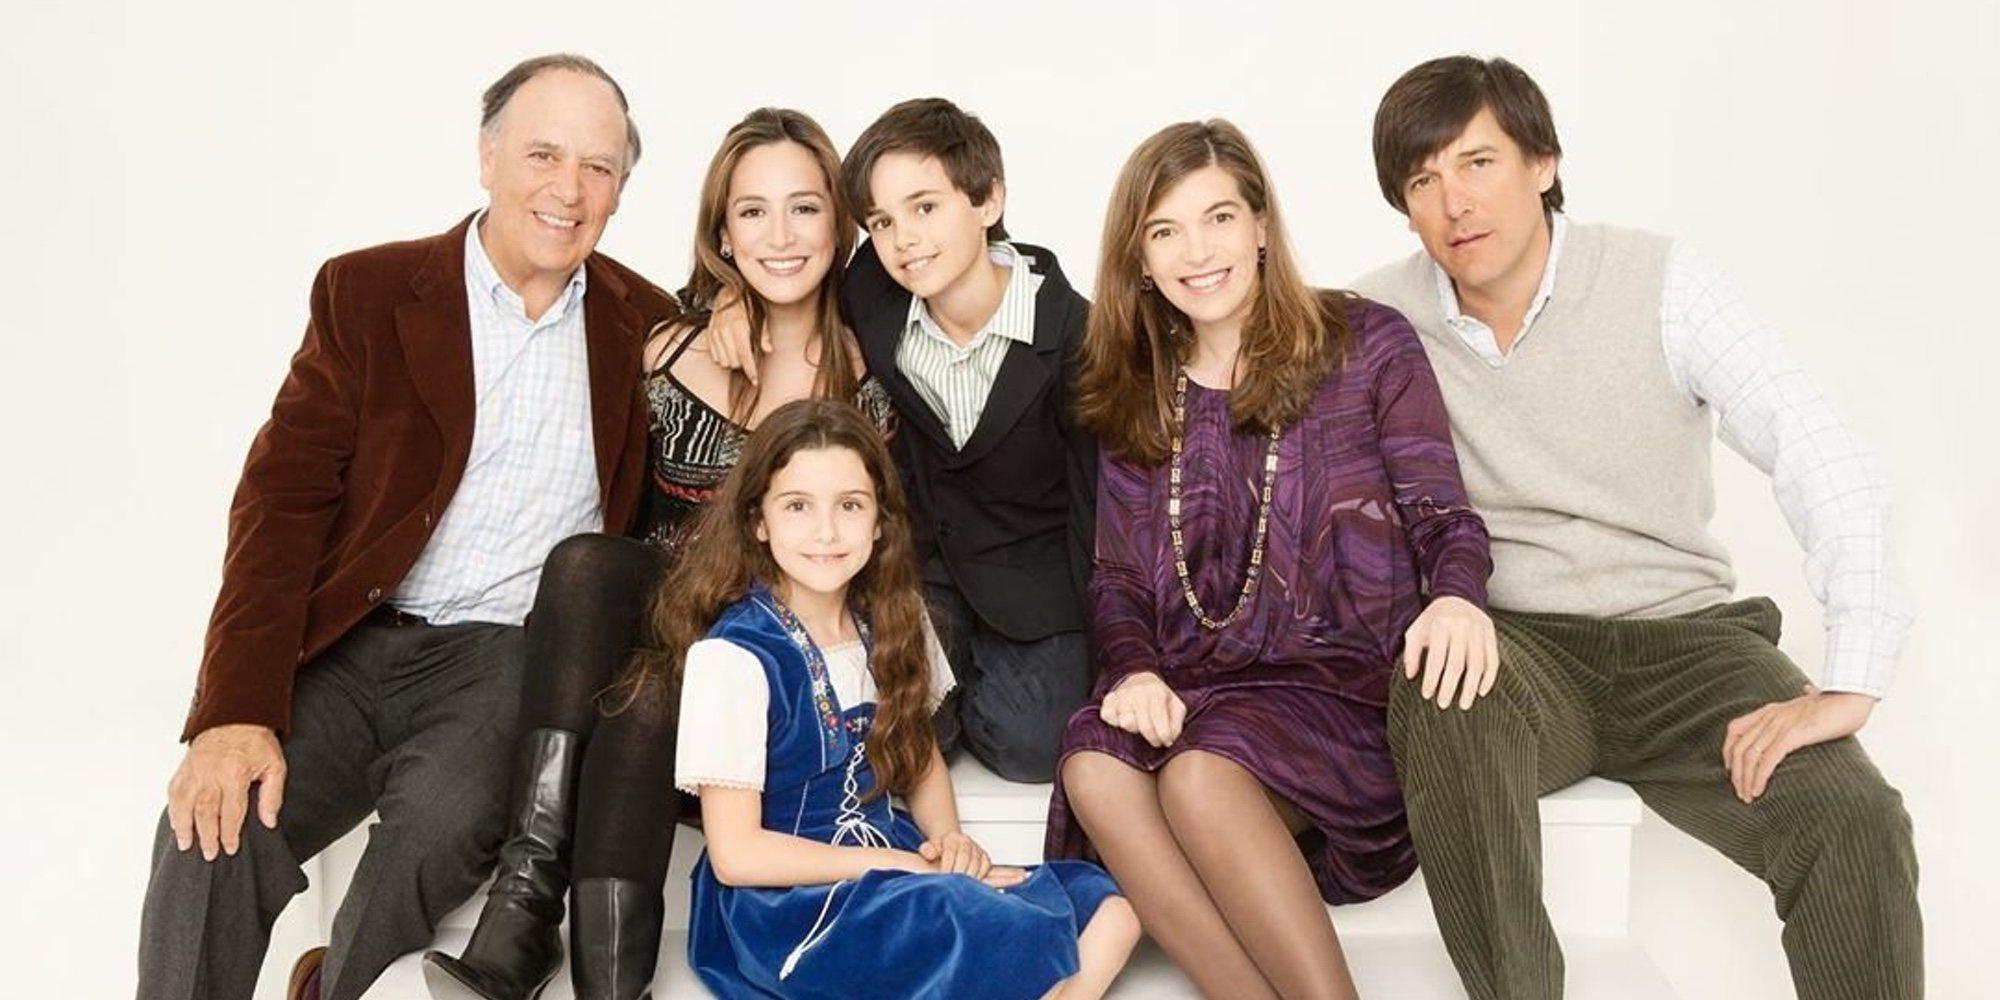 El mensaje de despedida de los cinco hijos de Carlos Falcó tras su muerte por coronavirus